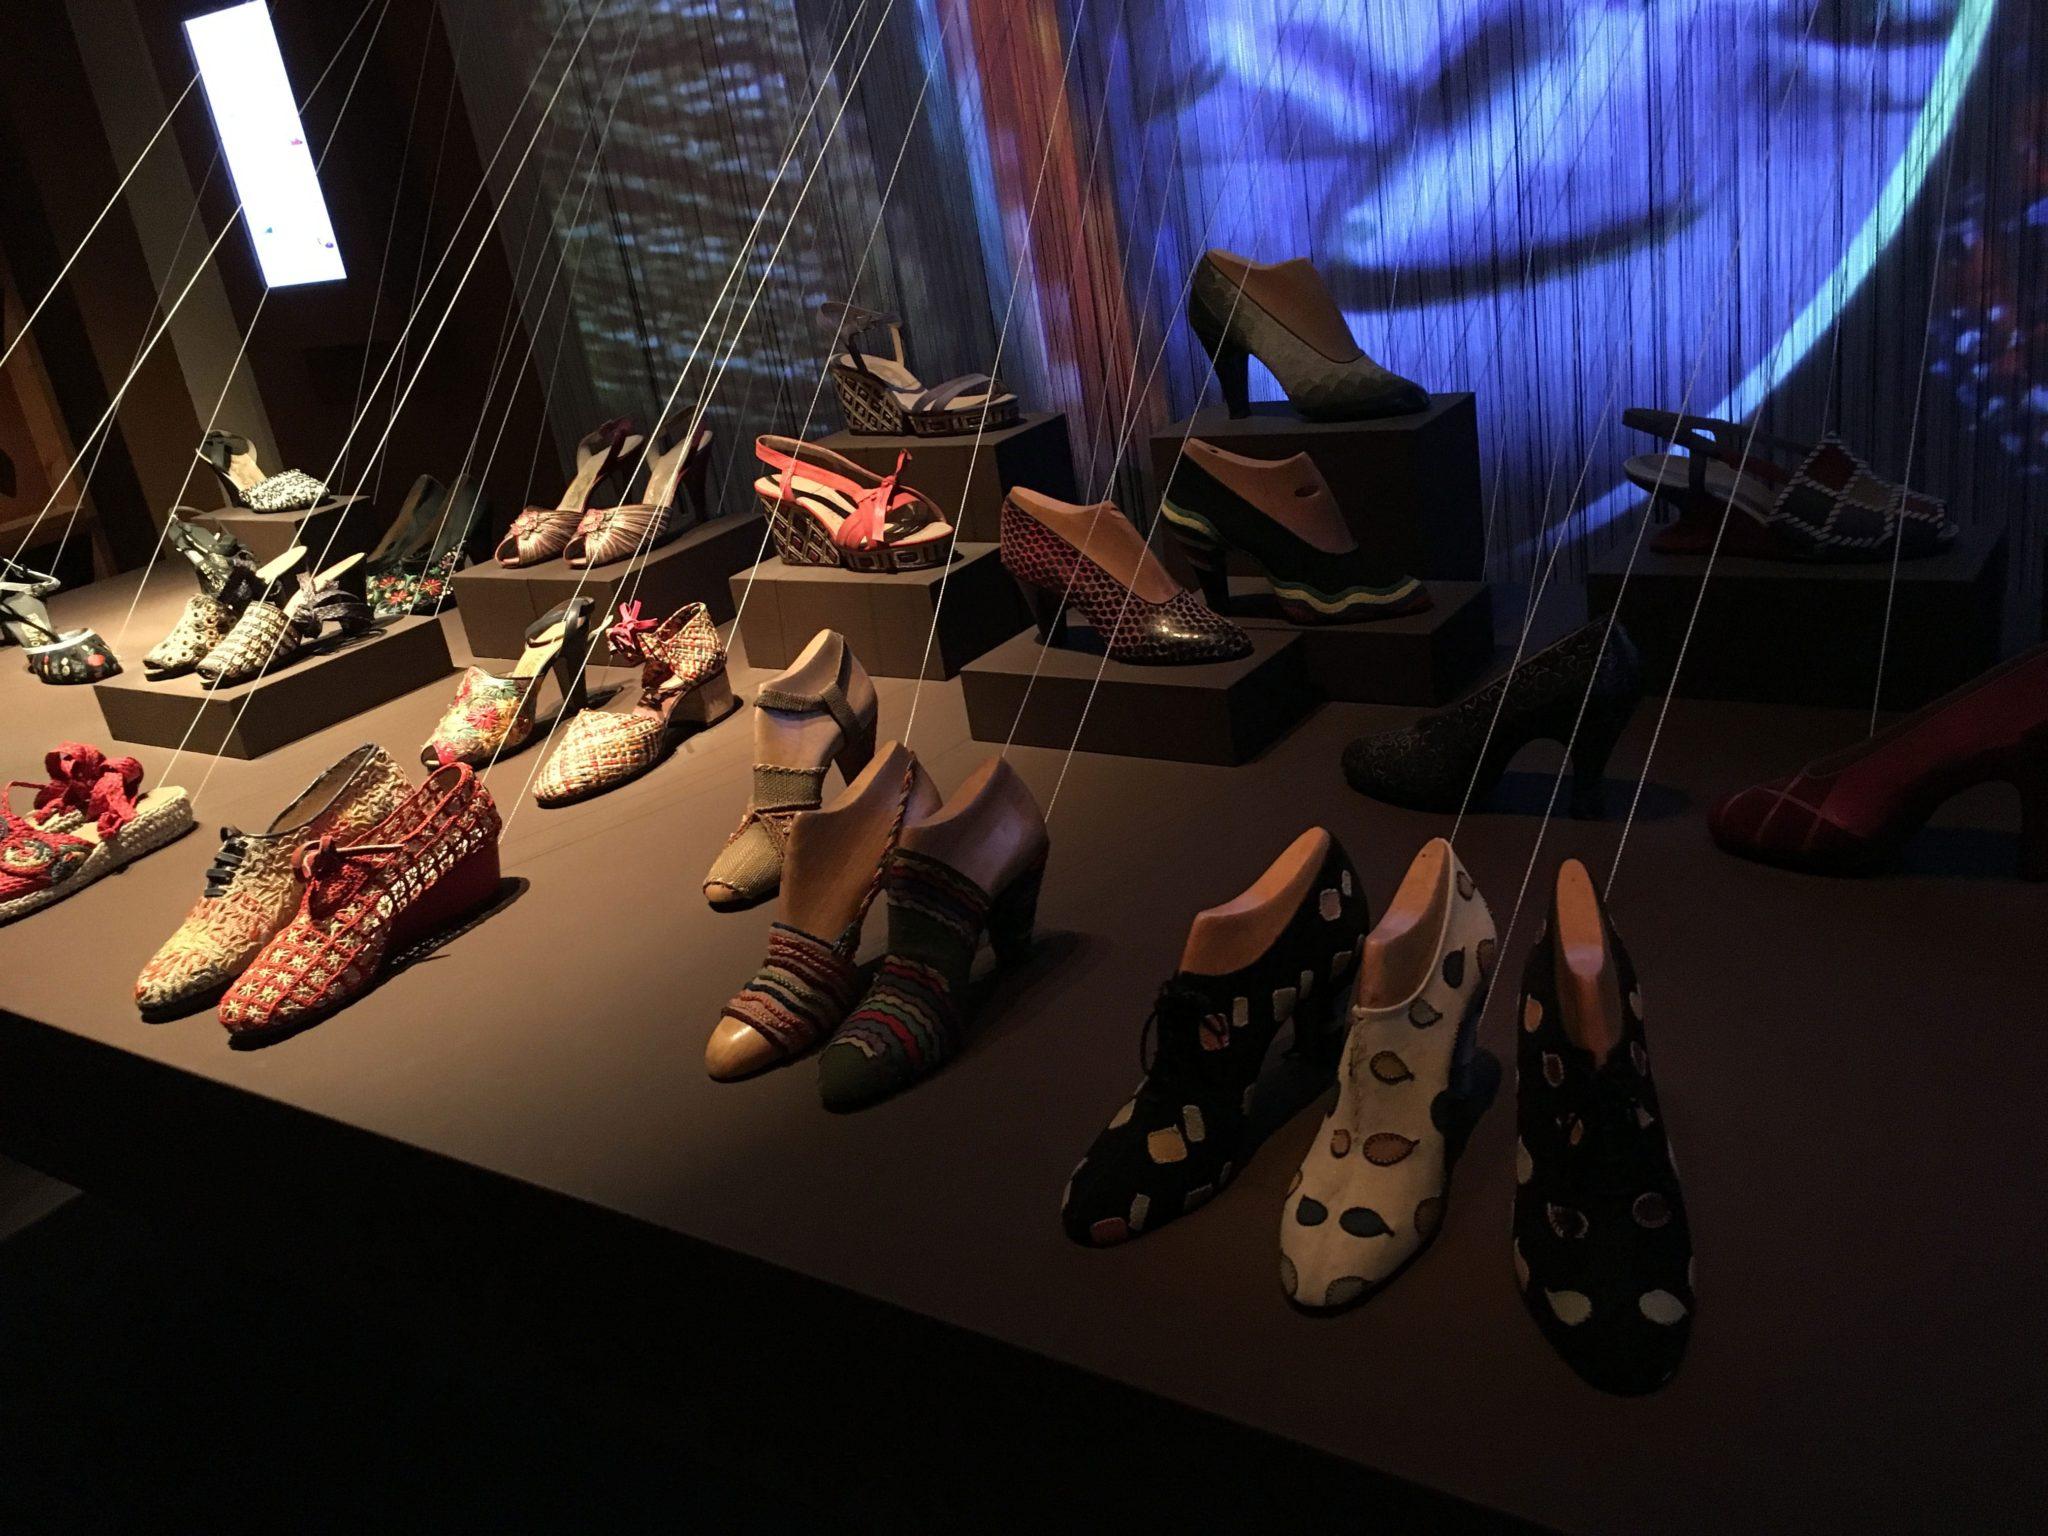 Musei della moda, Modemuseen, Museos de la moda, musées de la mode